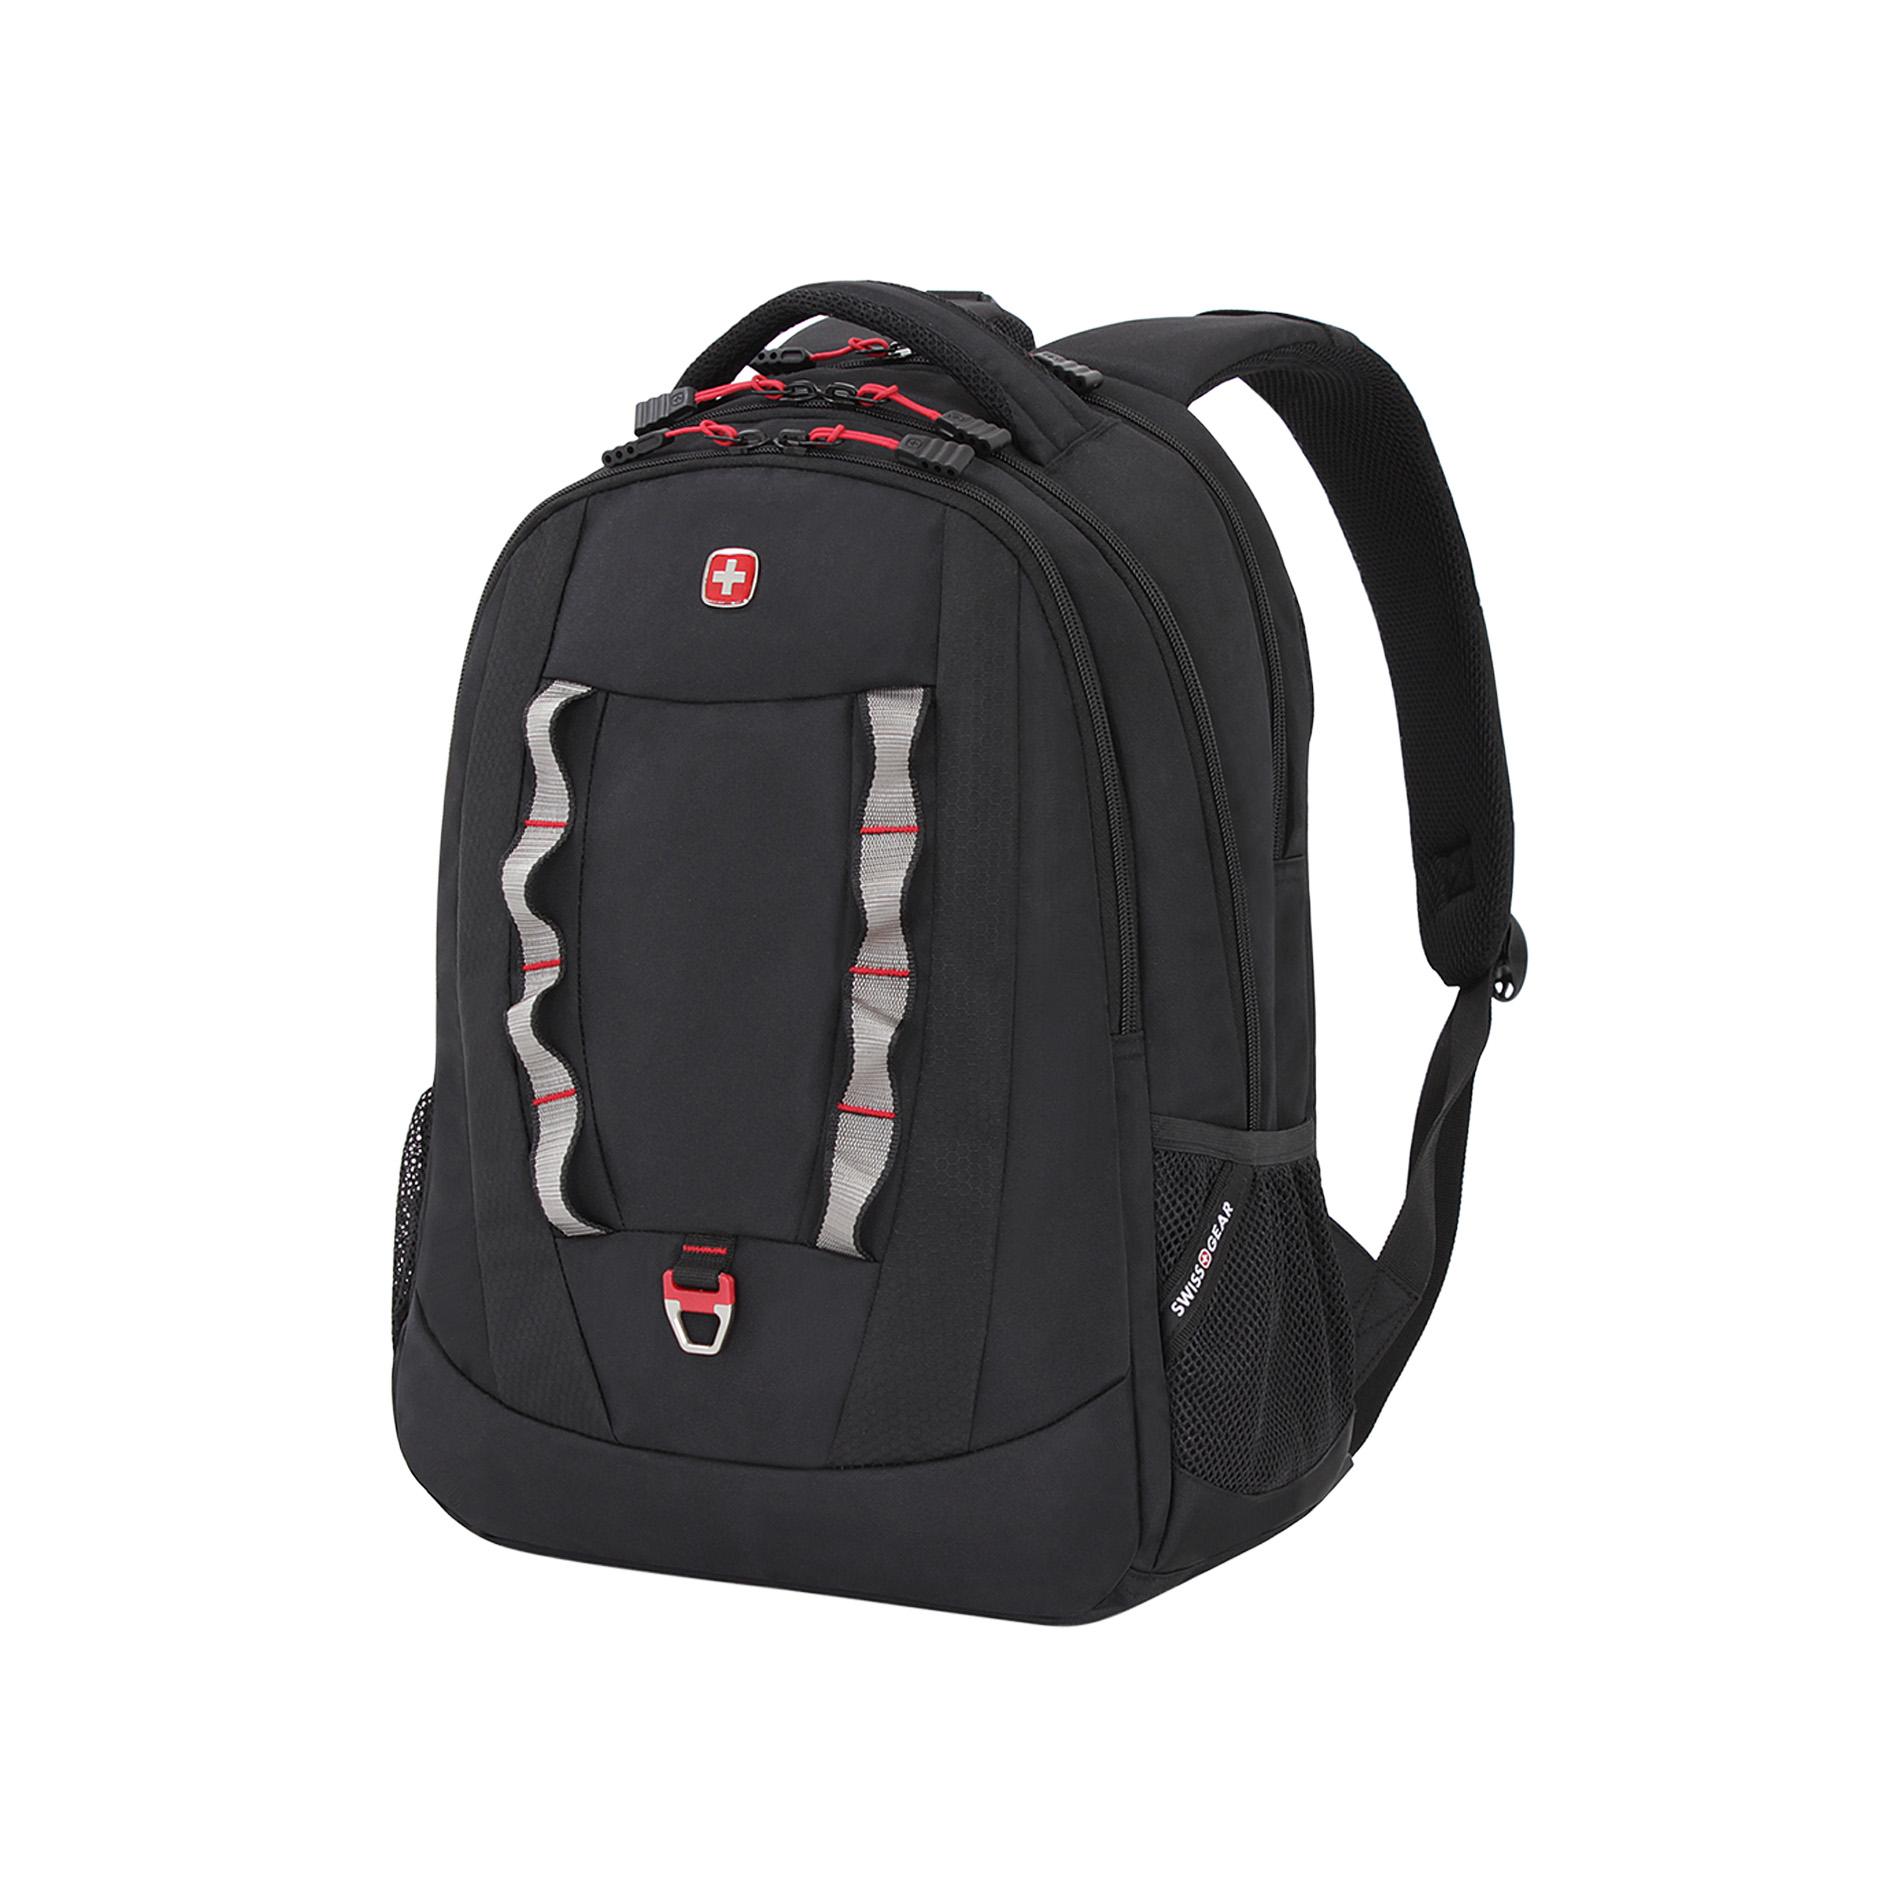 Swiss Gear Birs Laptop Backpack – Black/Red PartNumber: 01409921000P KsnValue: 9193288 MfgPartNumber: 6920202416